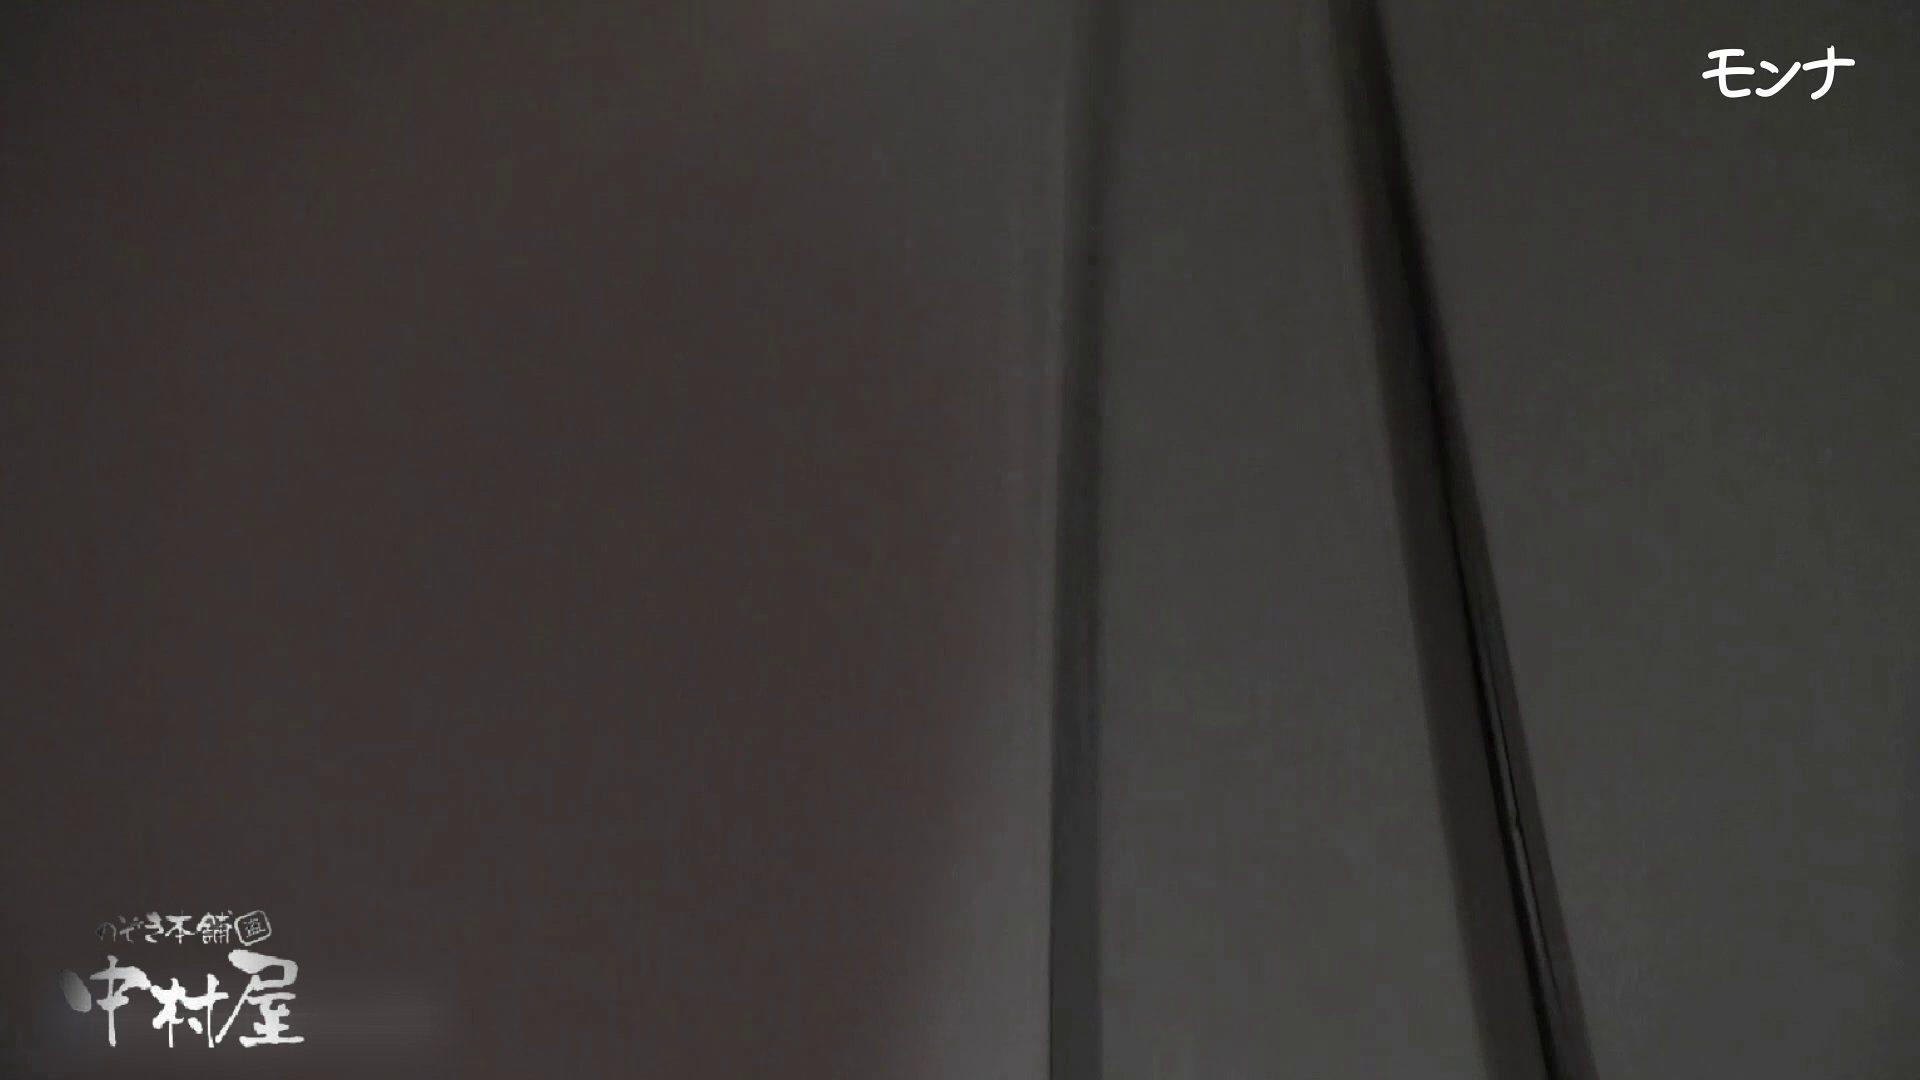 無修正エロ動画|【美しい日本の未来】美しい日本の未来 No.70 若さゆえの美しい丸み|のぞき本舗 中村屋